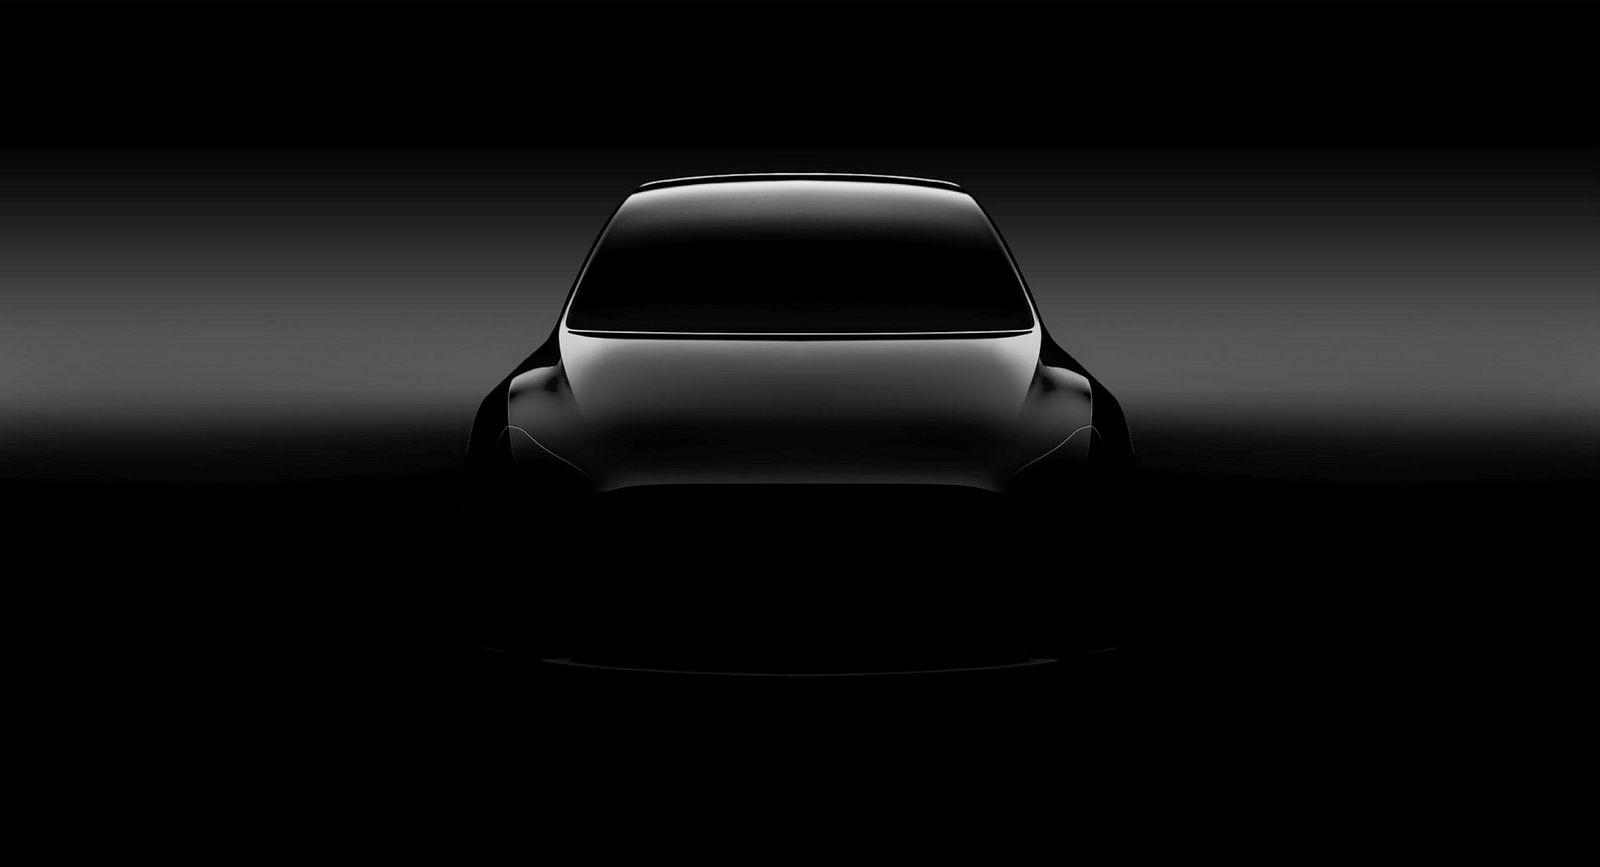 Den første smakebiten på Tesla Model Y i juni 2017. Modellen var da uten sidespeil.